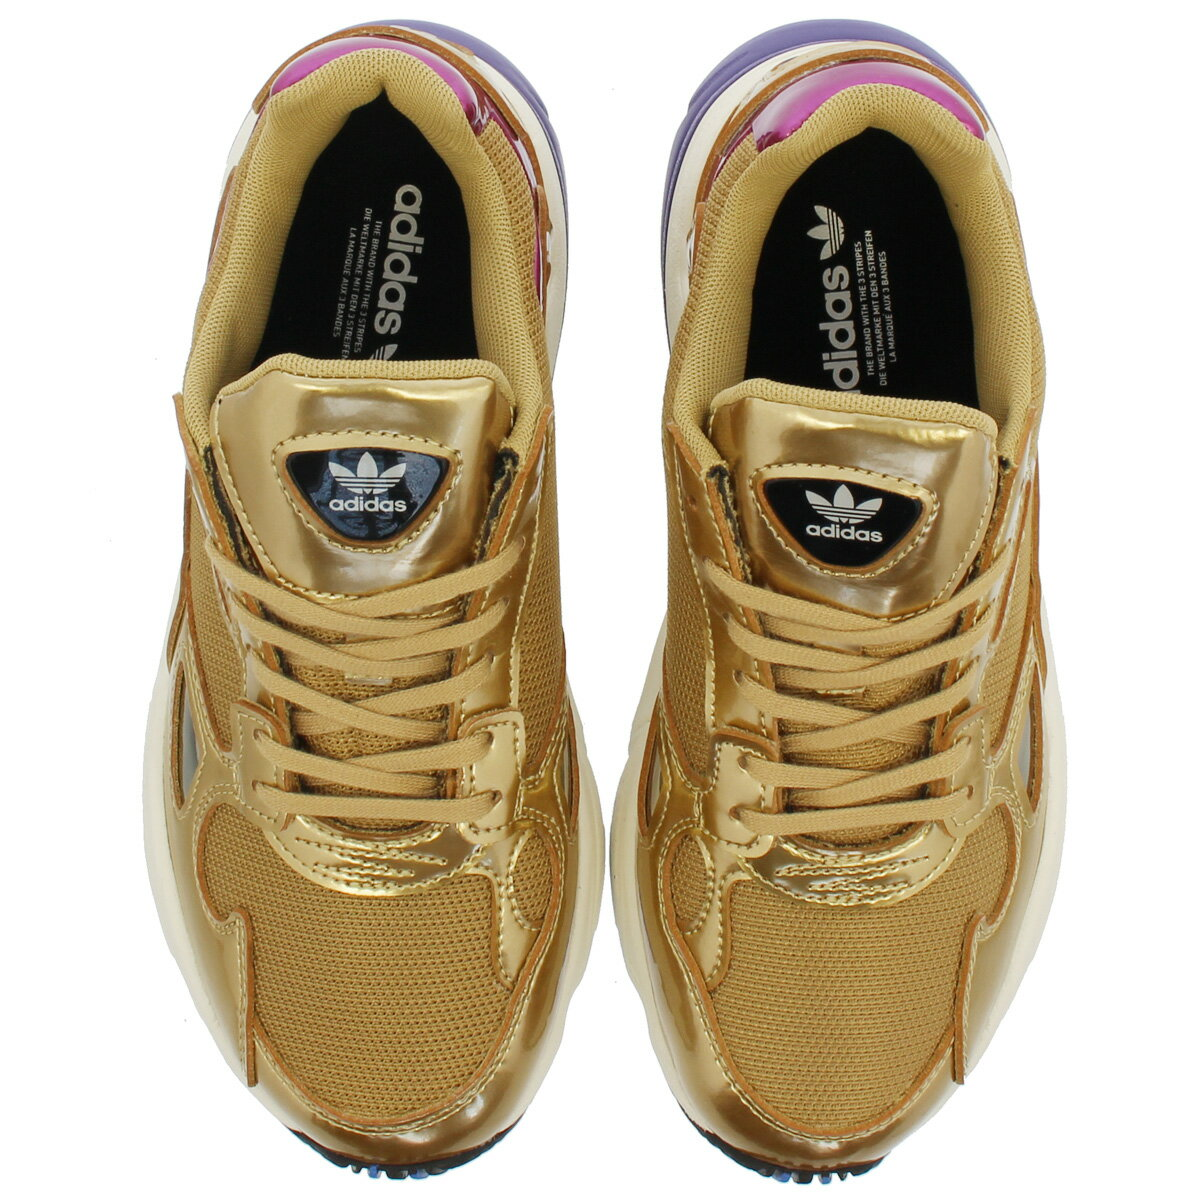 adidas ADIDASFALCON W Adidas Adidas falcon women GOLD METGOLD METOFF WHITE cg6247